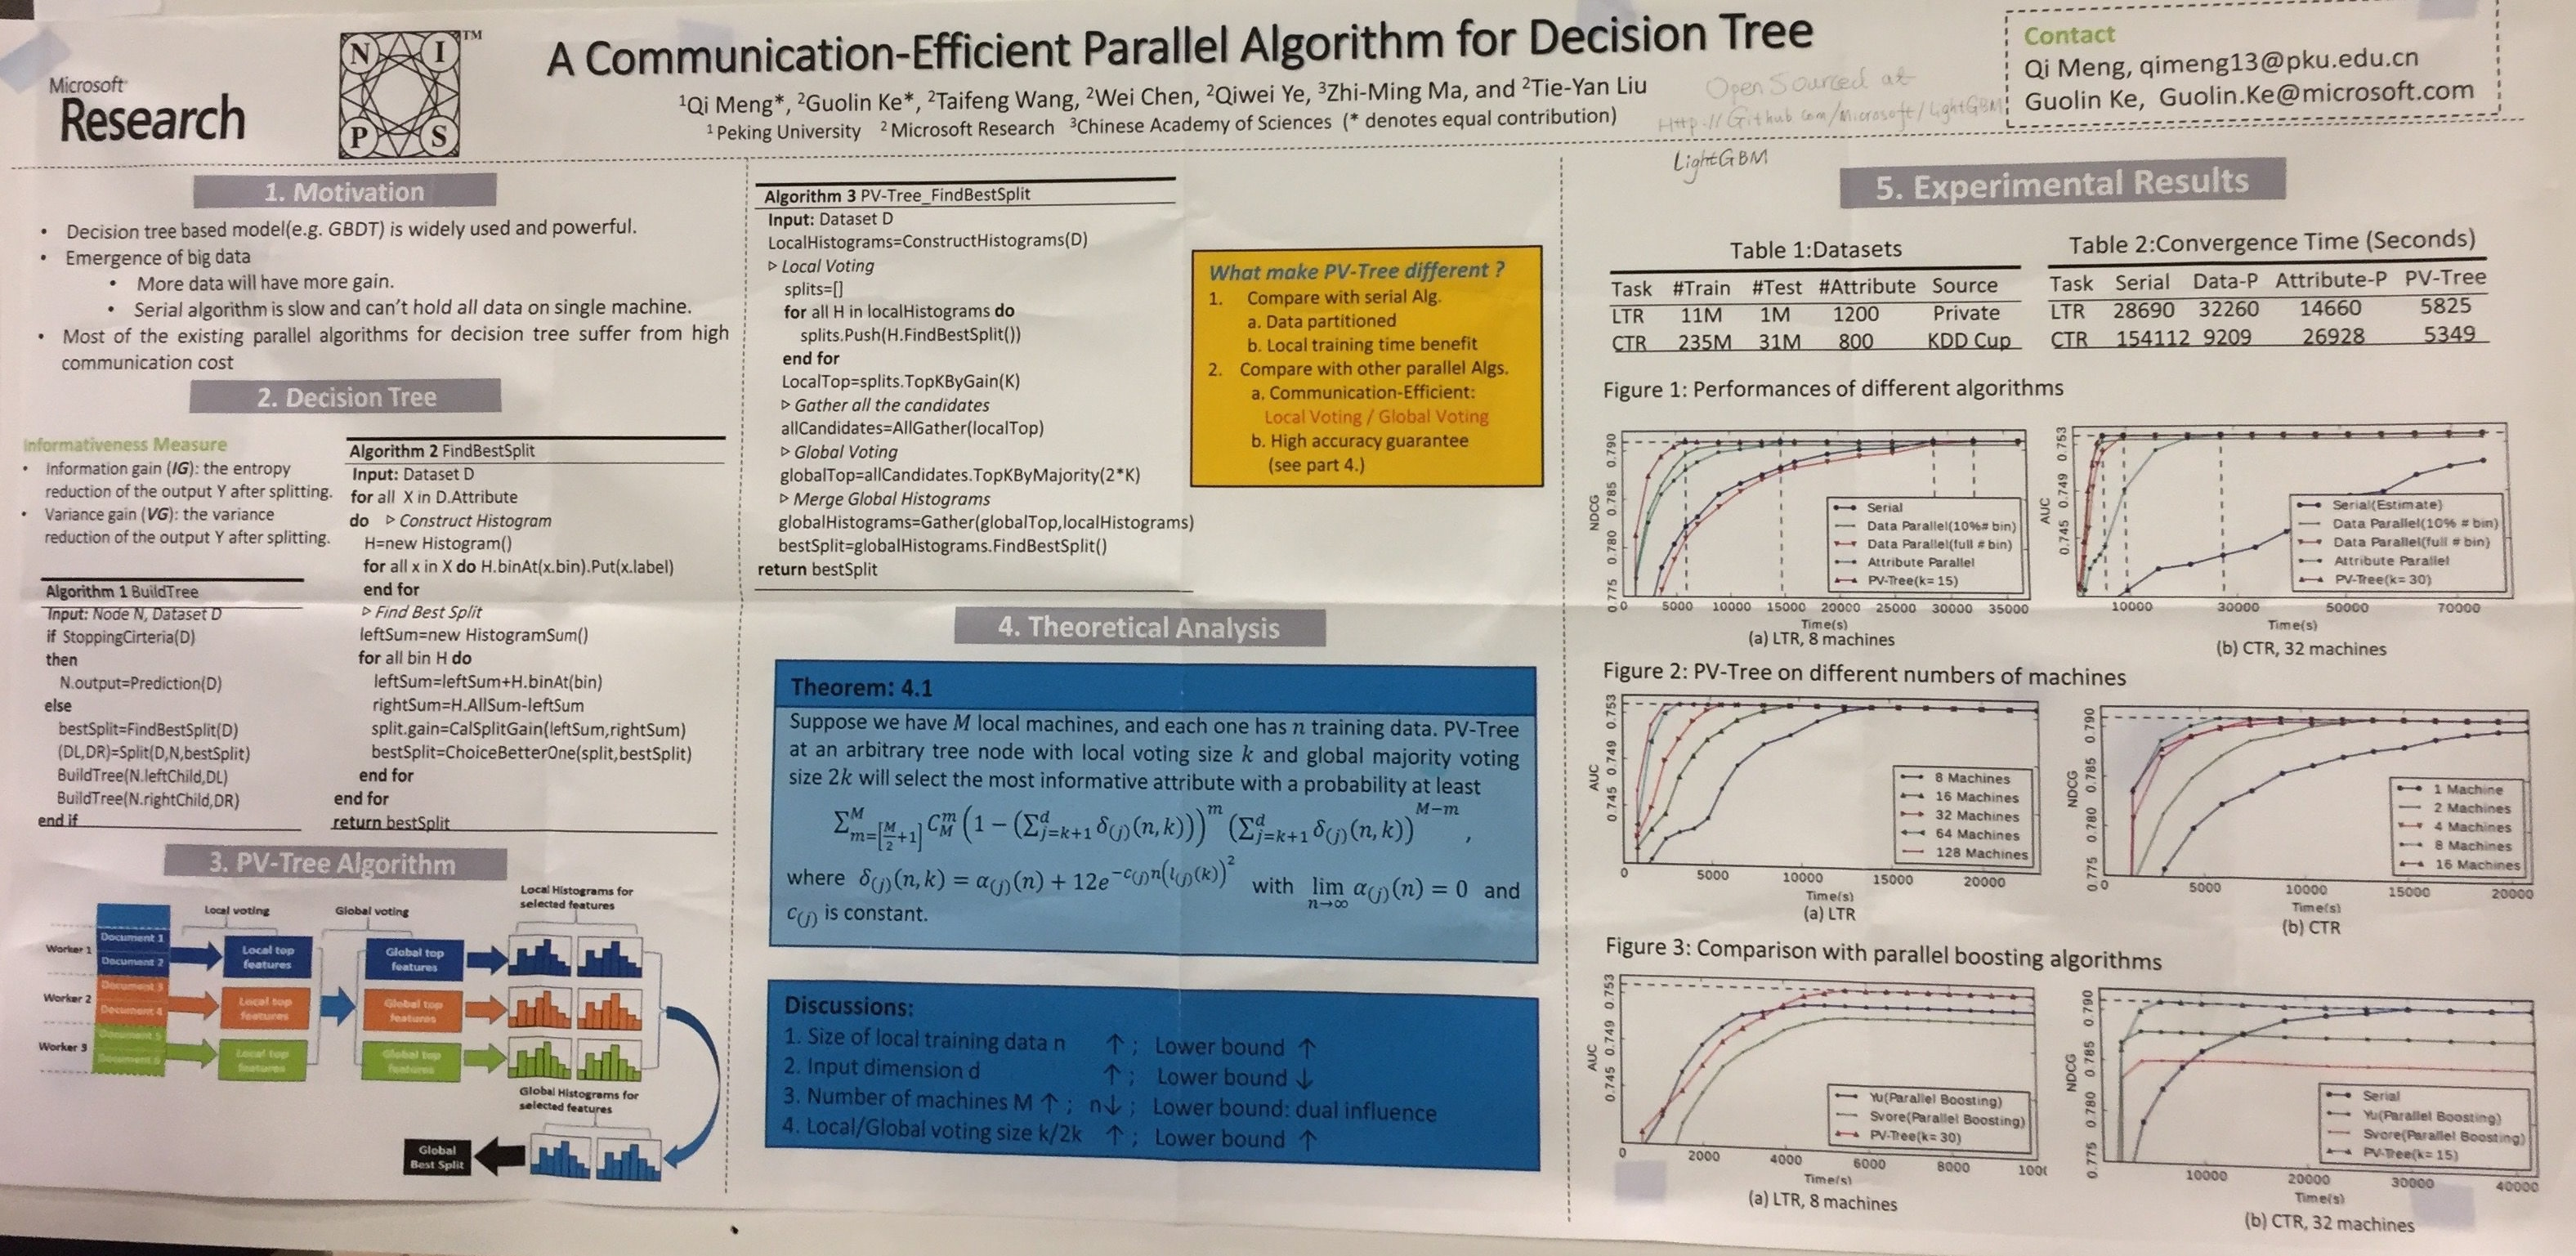 Meng_A_Communication-Efficient_Parallel_Algorithm_for_Decision_Tree.jpg